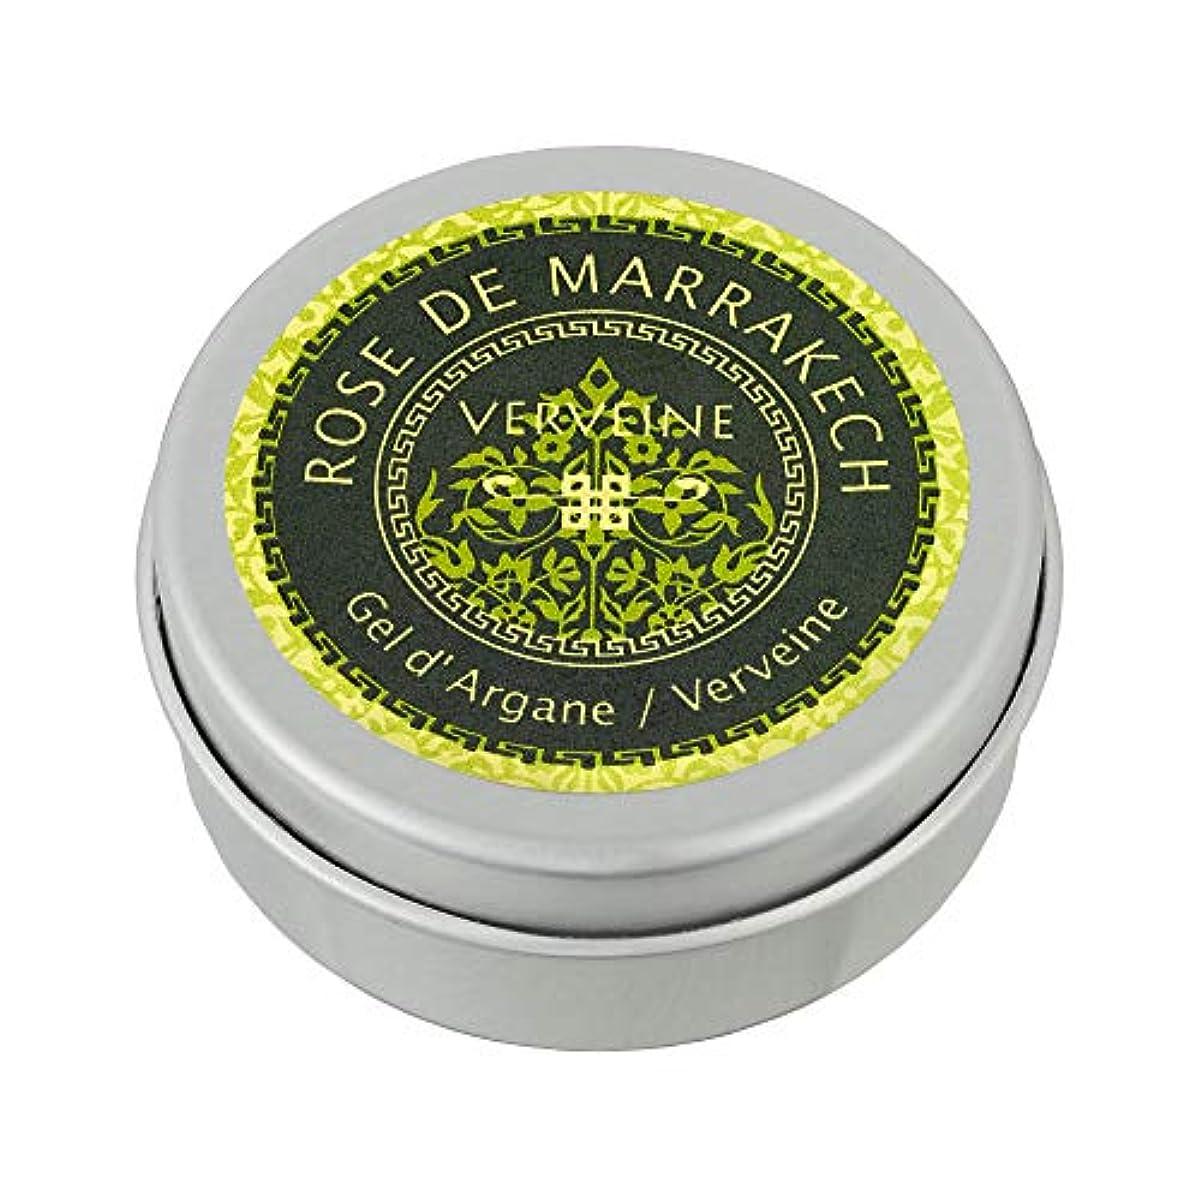 冷蔵庫不調和先ローズ ド マラケシュ ジェル ド ヴェルヴェーン 15g( アルガンオイル 70%配合、レモンバーベナの香りの保湿 ワックス)